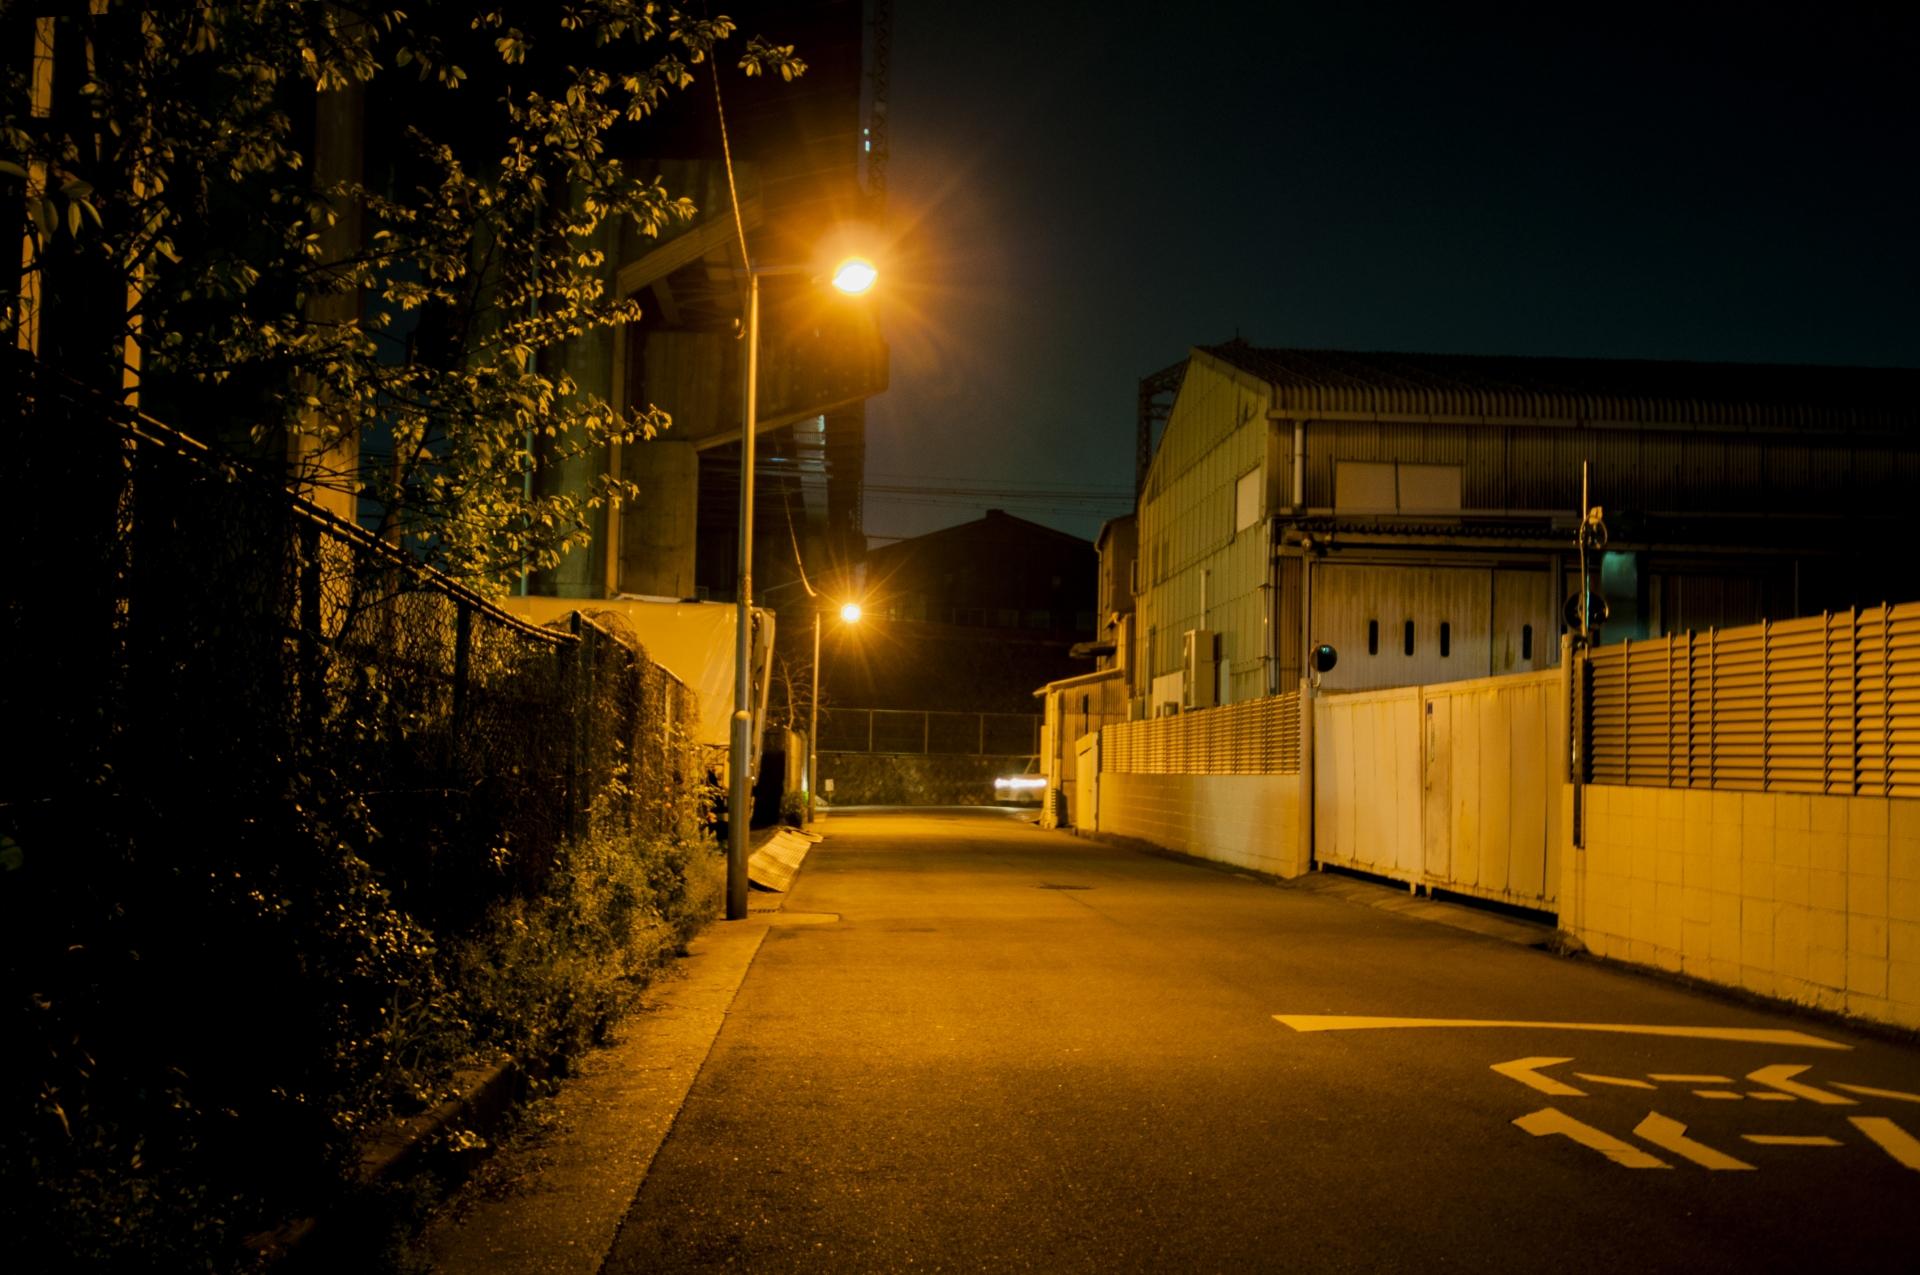 夜道が怖い…。危険な目に合わないための対処法はコチラ!